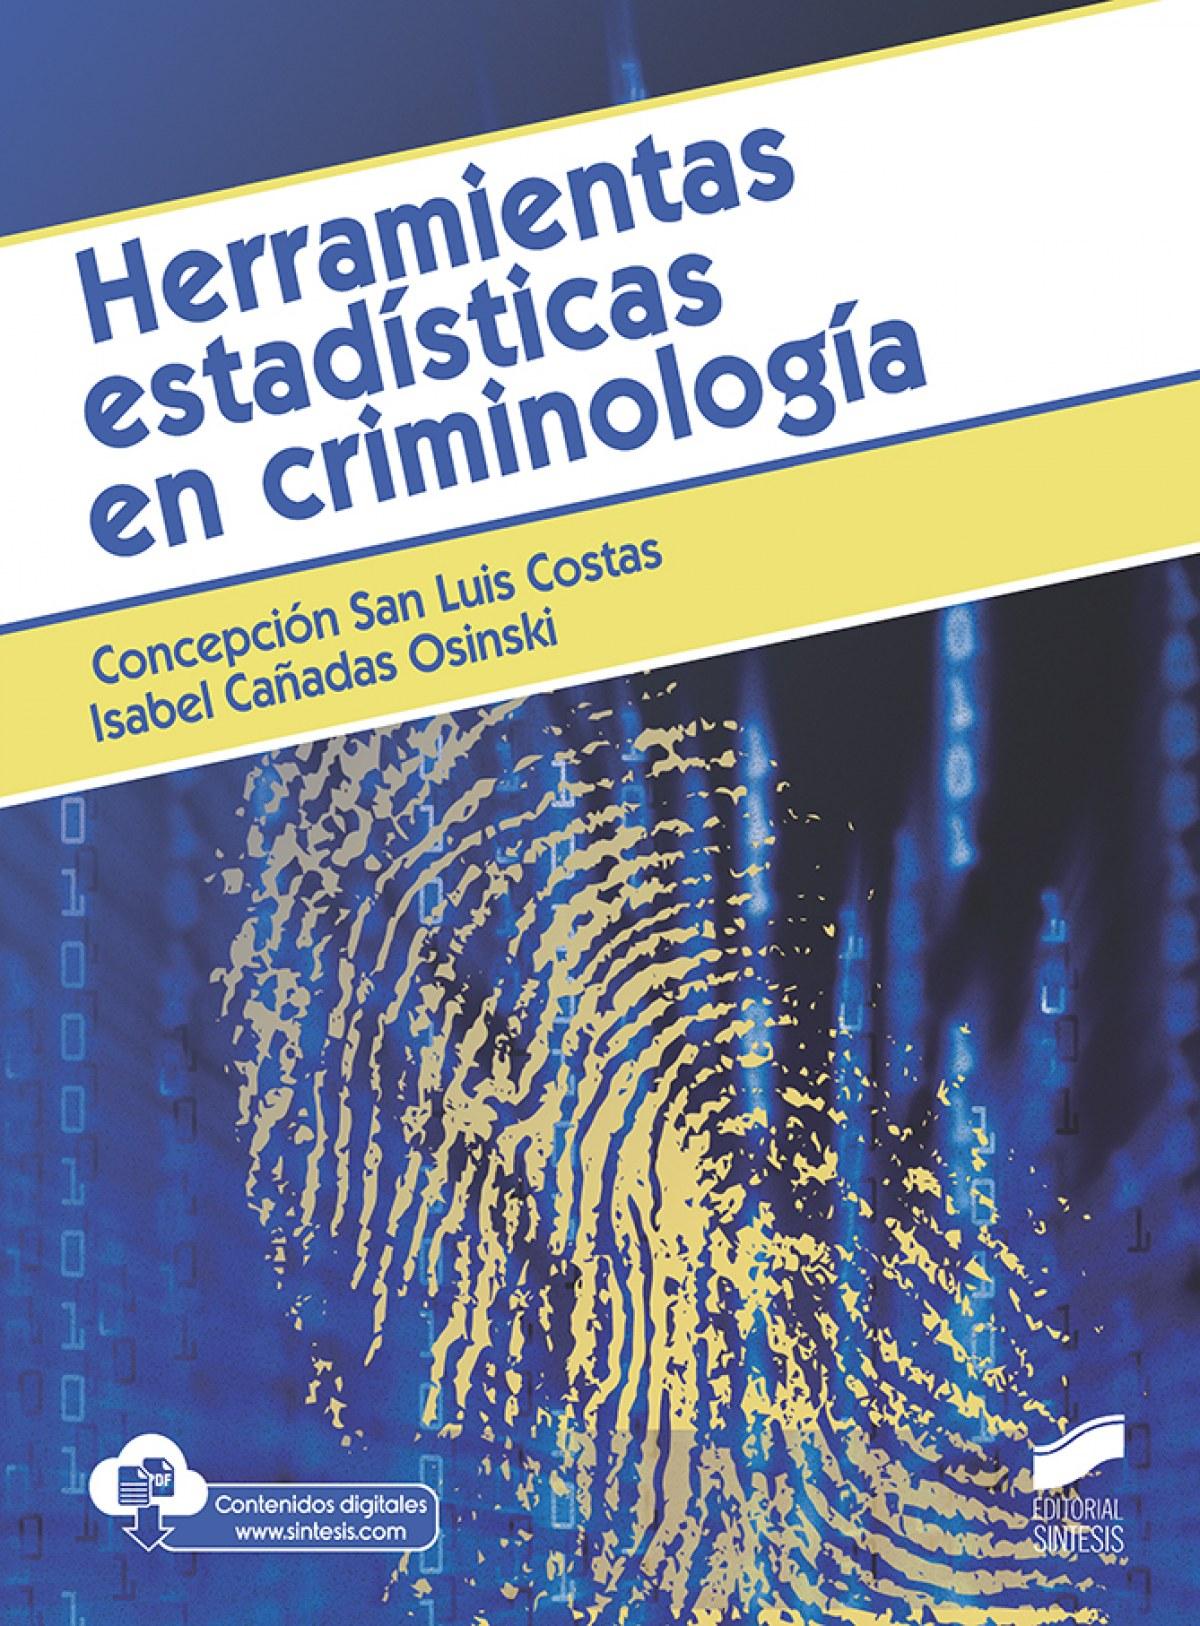 HERRAMIENTAS ESTADÍSTICAS EN CRIMINOLOGÍA